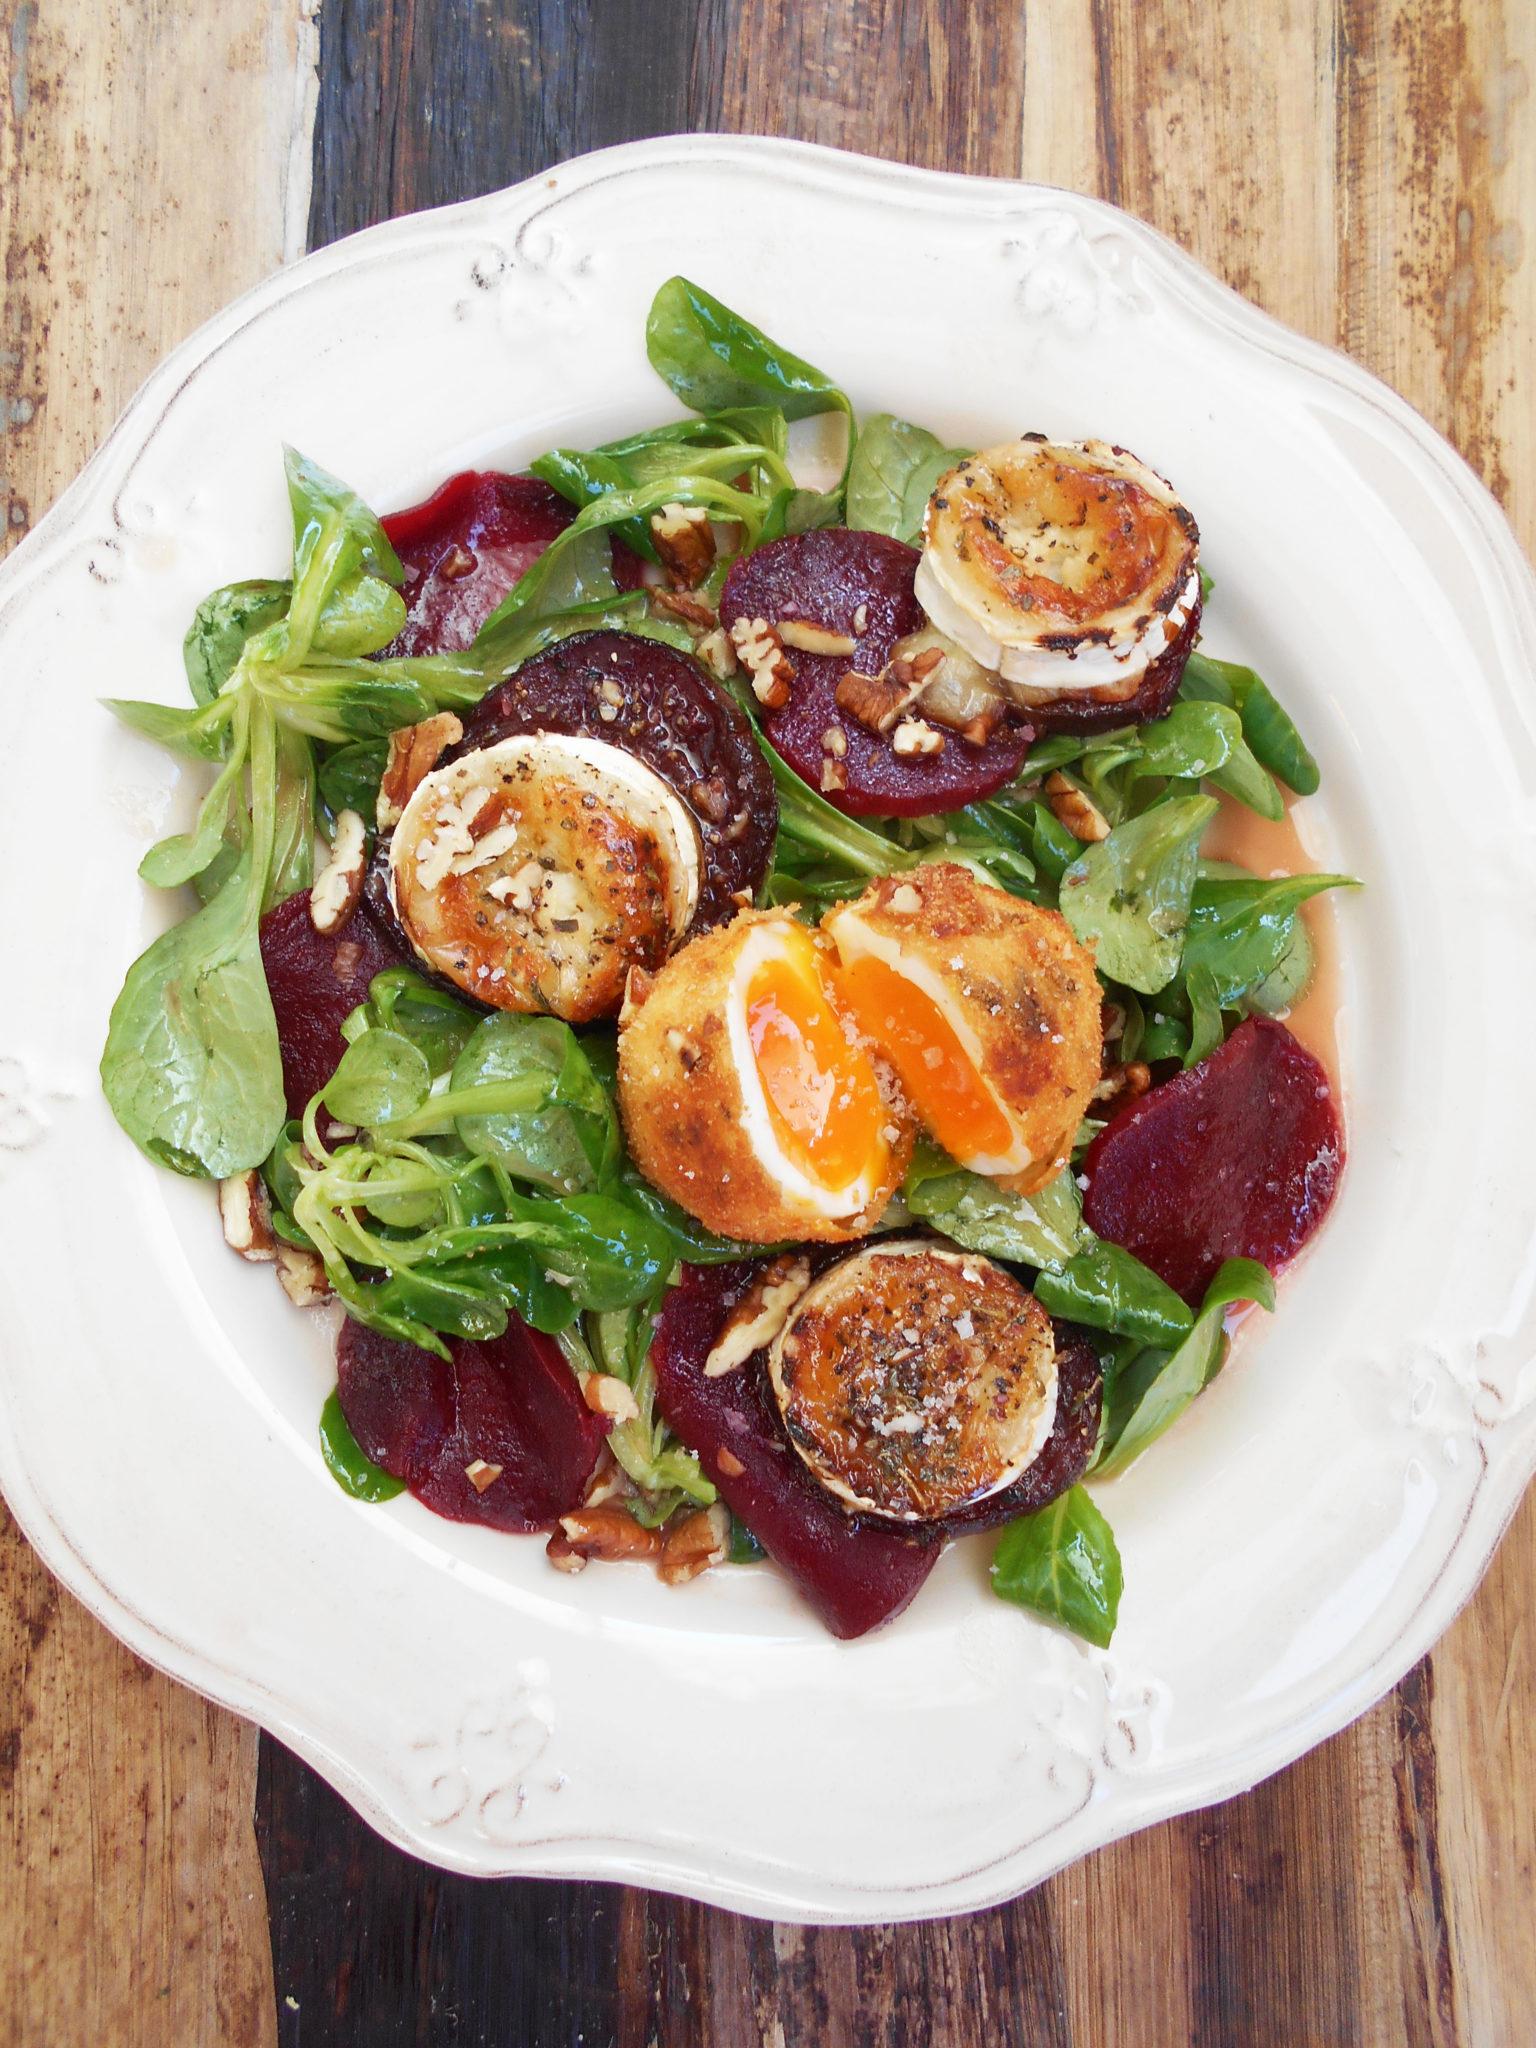 Hochgenuss im Herbst! Vogerlsalat mit Rote Rüben, Ziegenkäse und gebackenen Pekannuss-Eiern